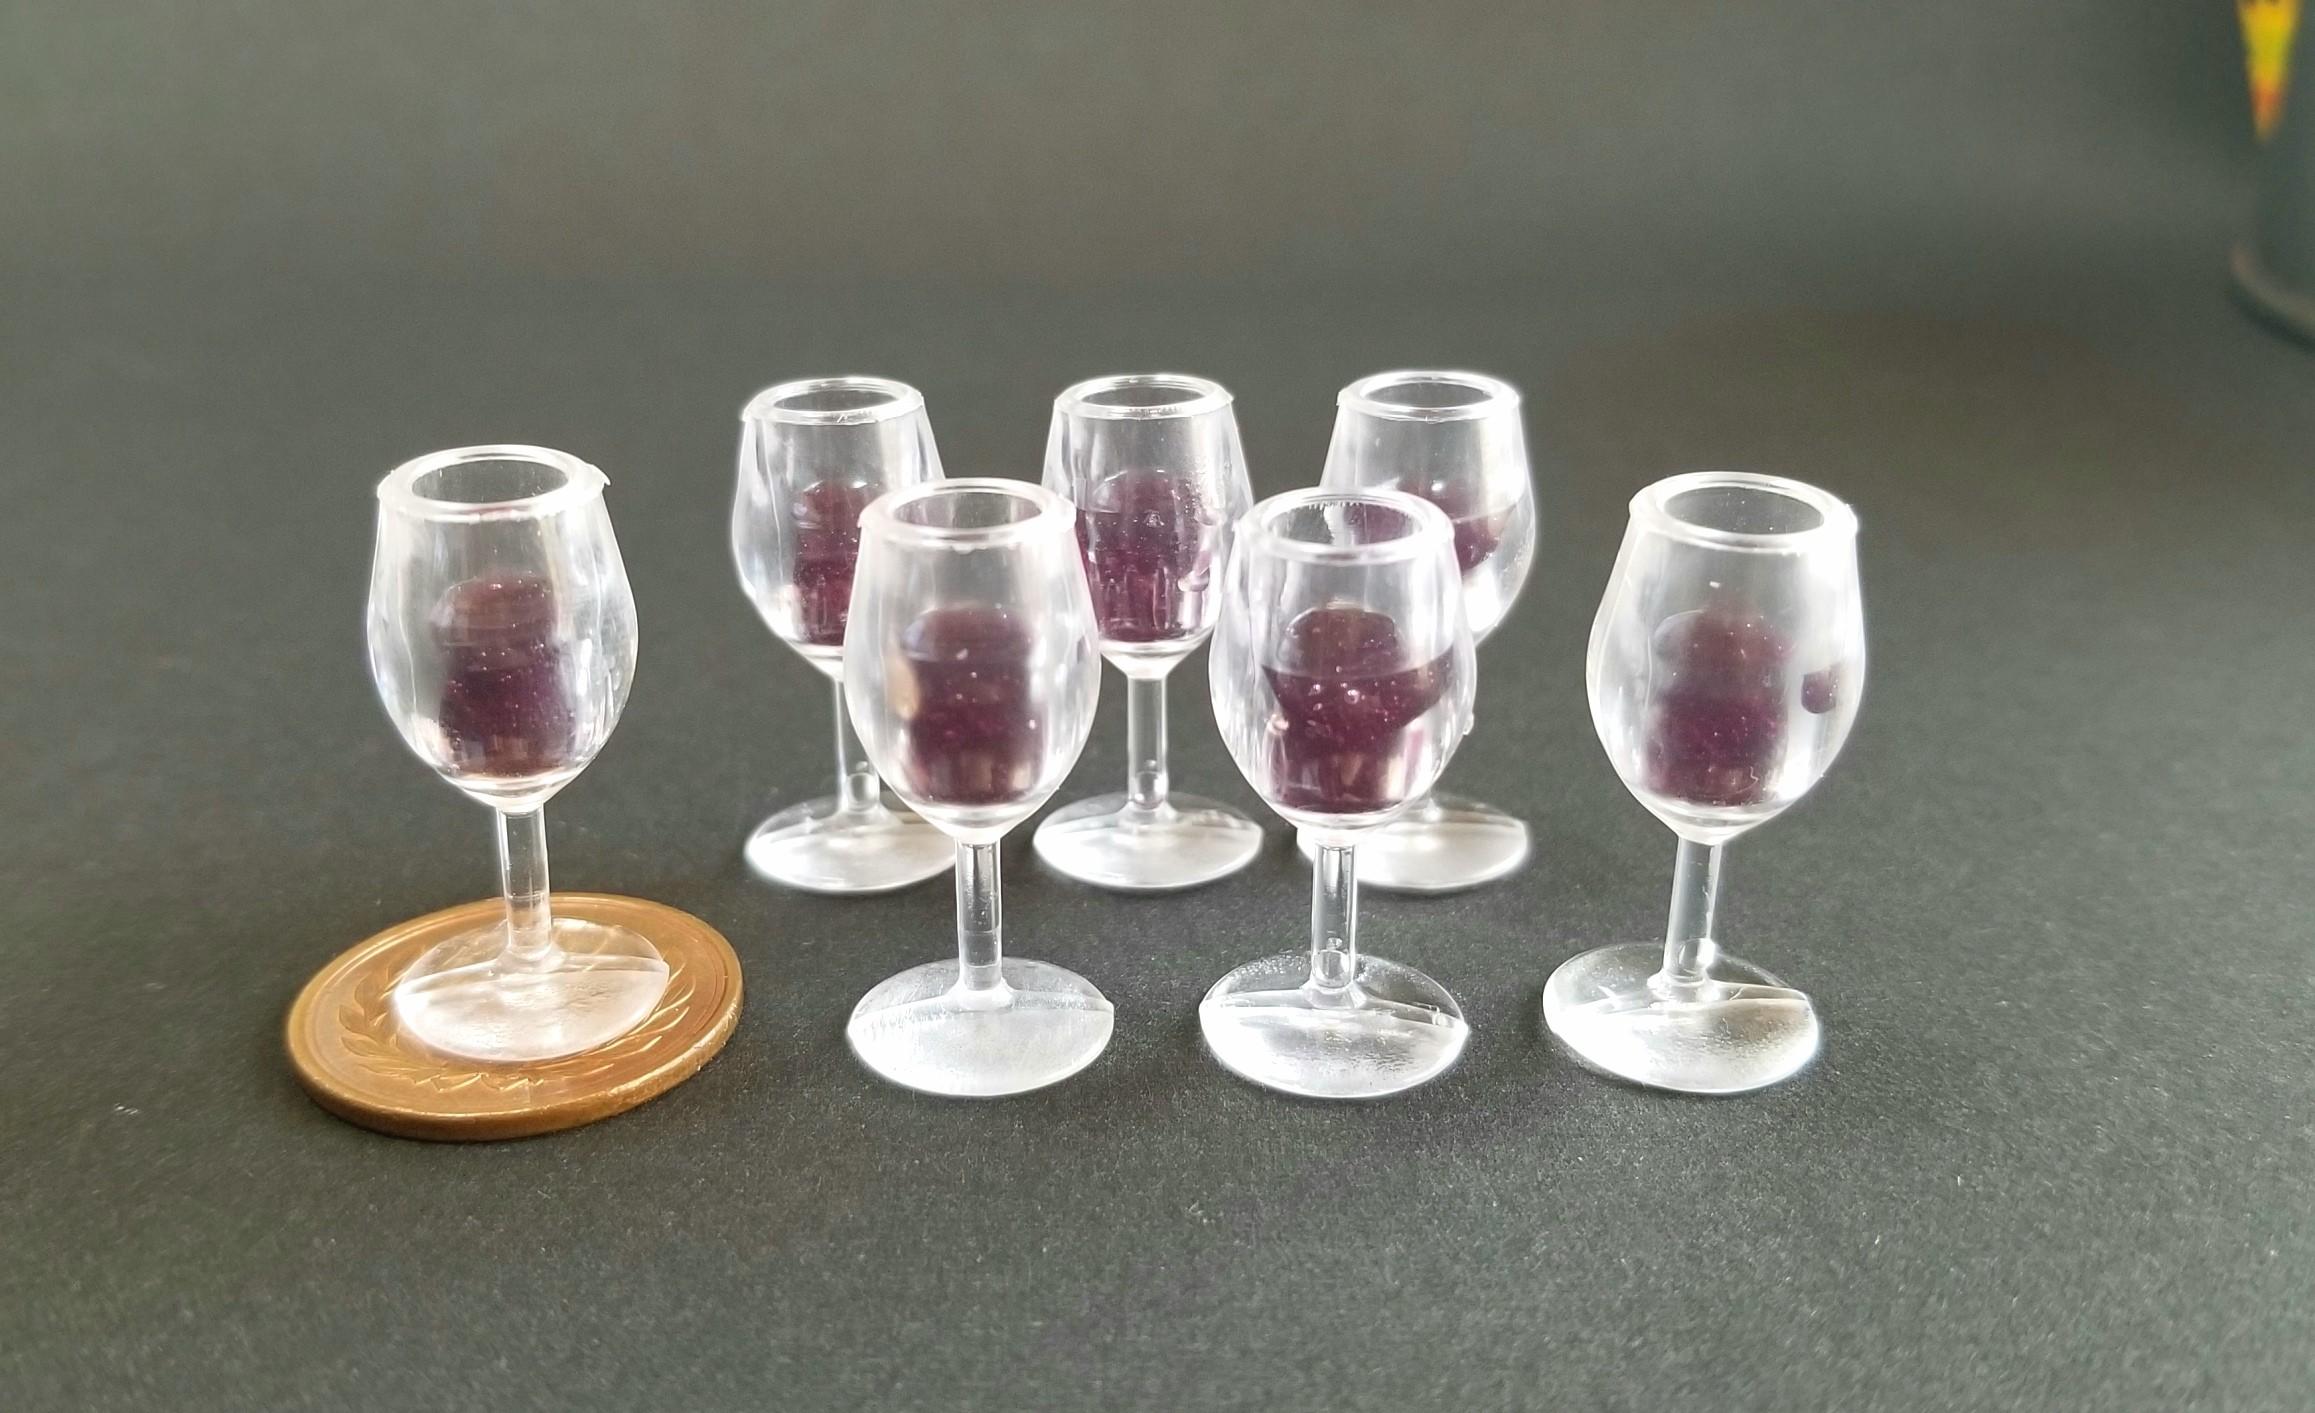 ミニチュアフード,シャンパン,ワイン,レジン,シルバニア,ブライス